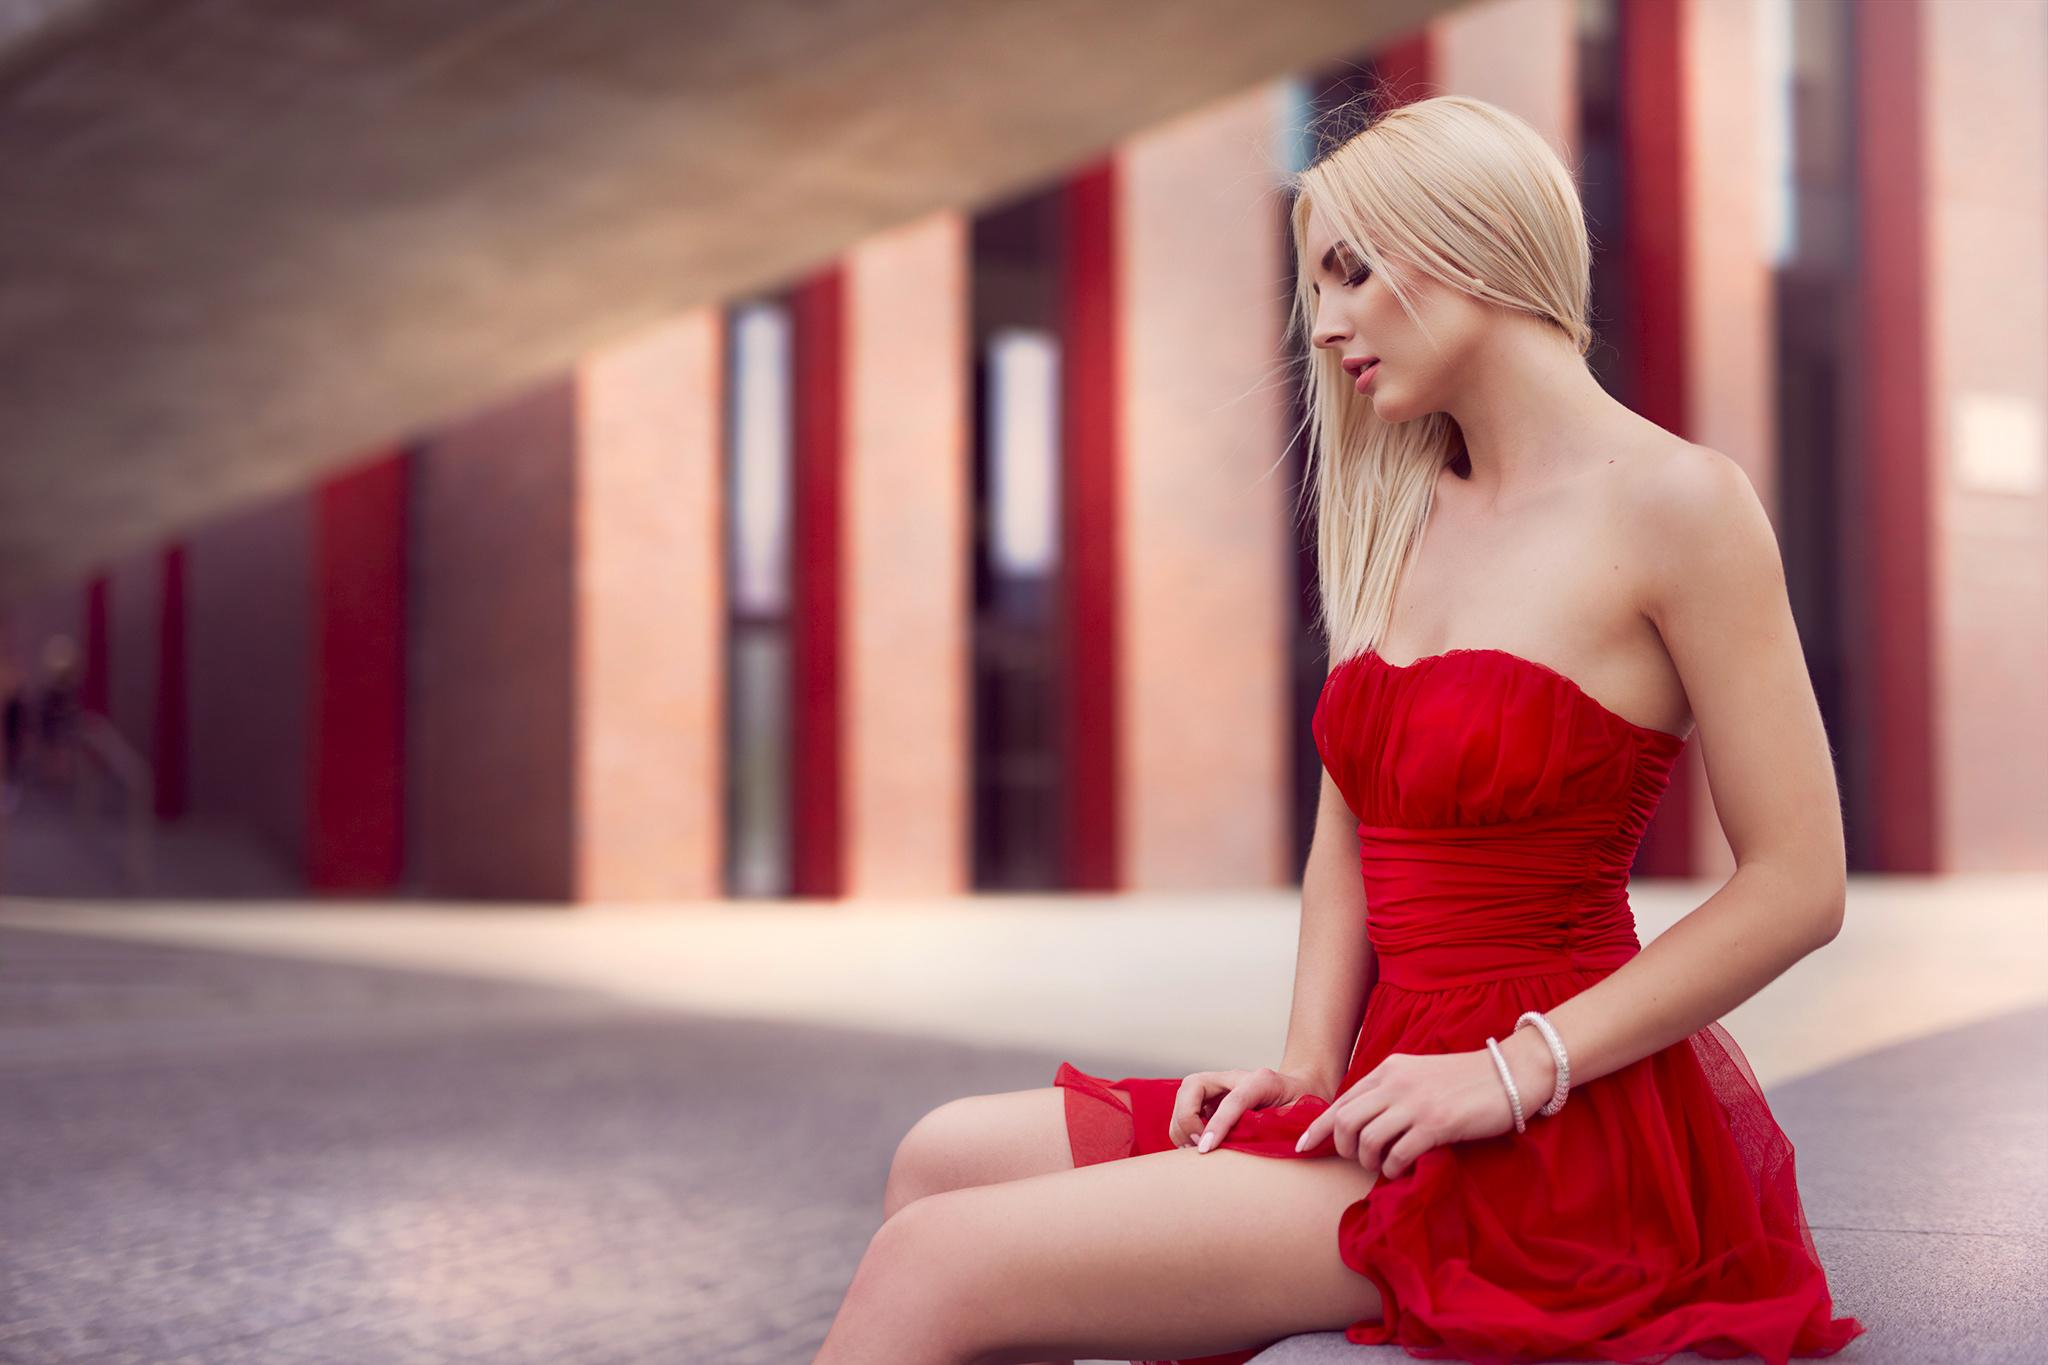 Красивые девушки красном возле